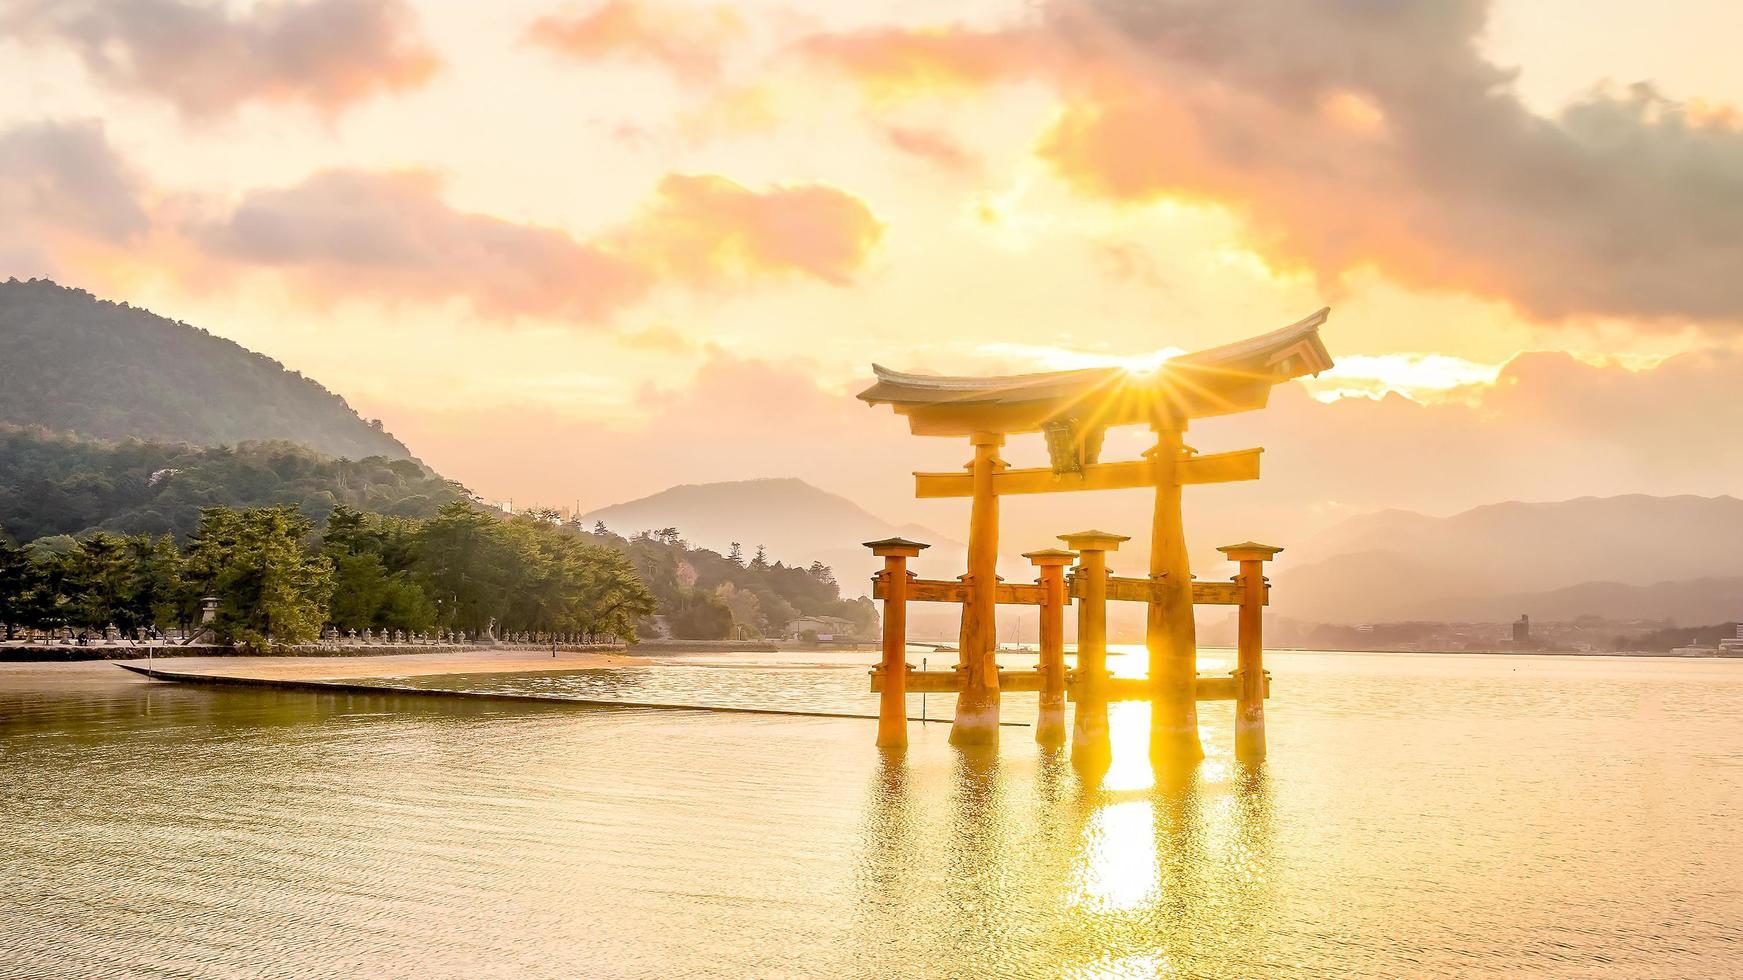 la porte flottante du sanctuaire itsukushima au coucher du soleil photo